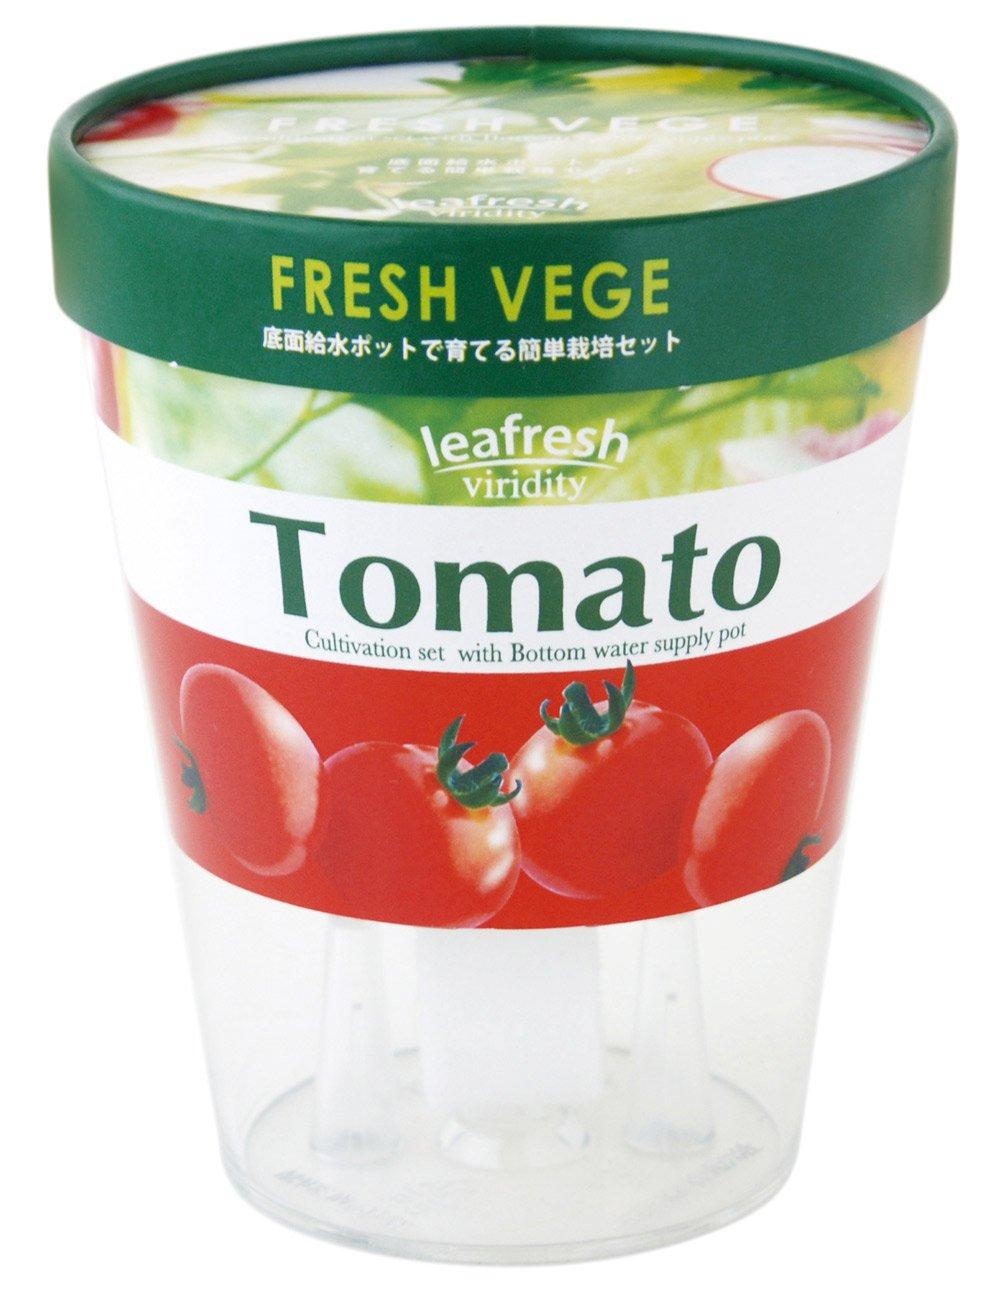 聖新陶芸 フレッシュ ベジ ミニトマト